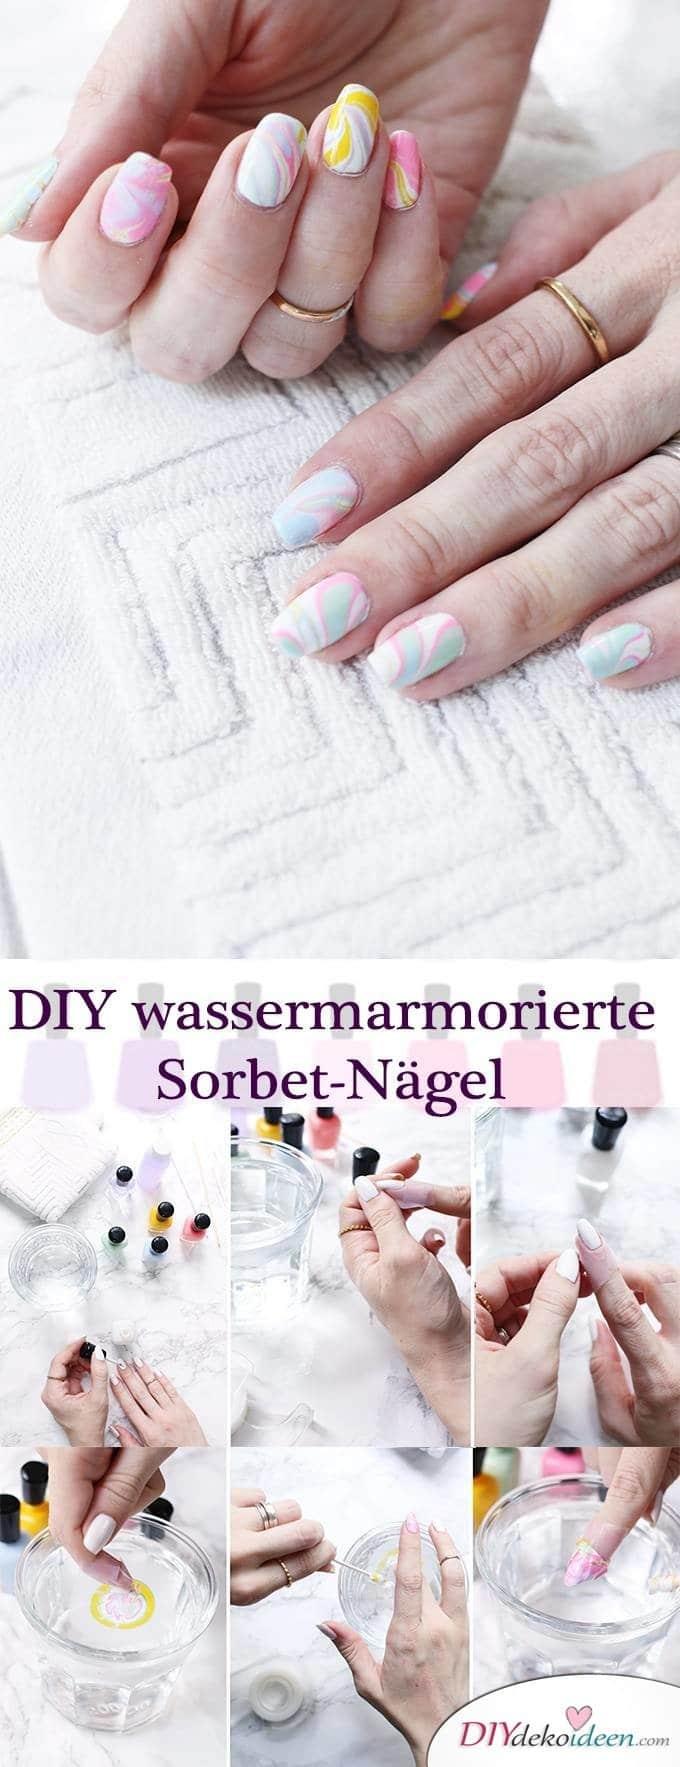 DIY Nailart wassermarmorierte Sorbet-Nägel - Watermarble - Sommernägel